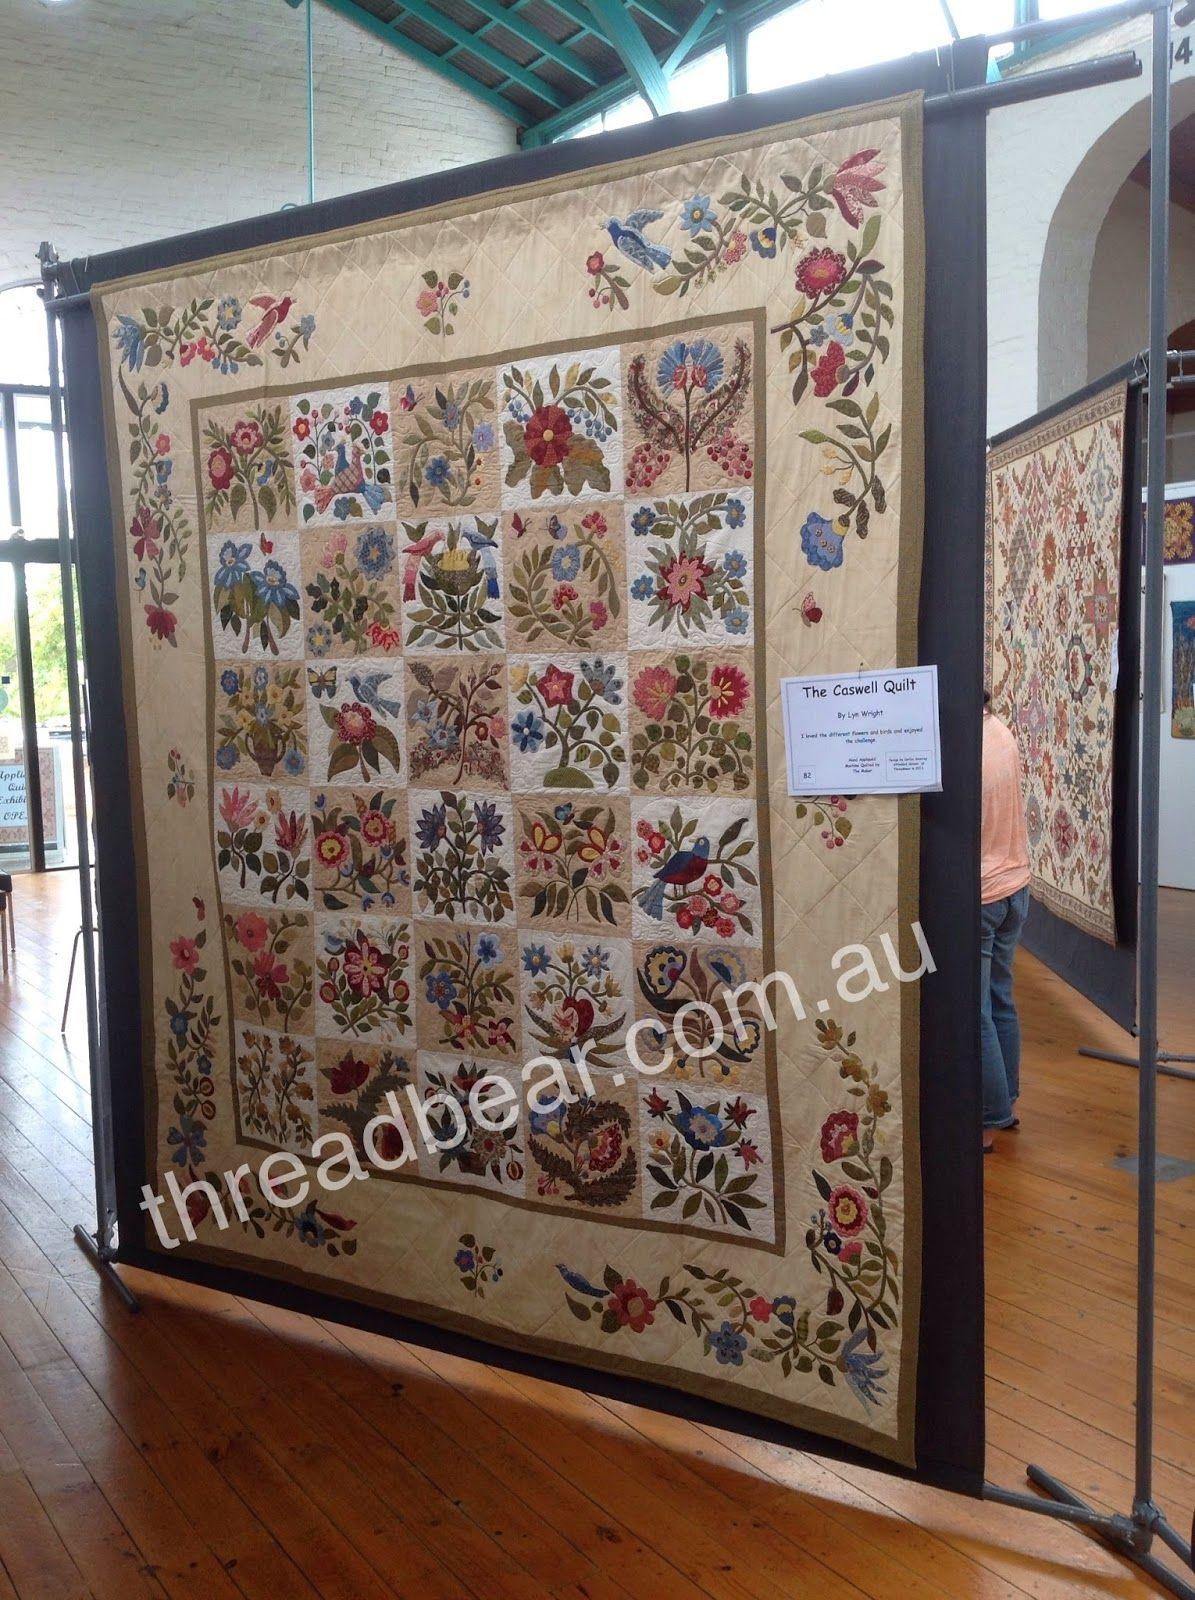 Threadbear | quilts | Pinterest | Quilt, Caswell quilt and Search : threadbear quilts - Adamdwight.com